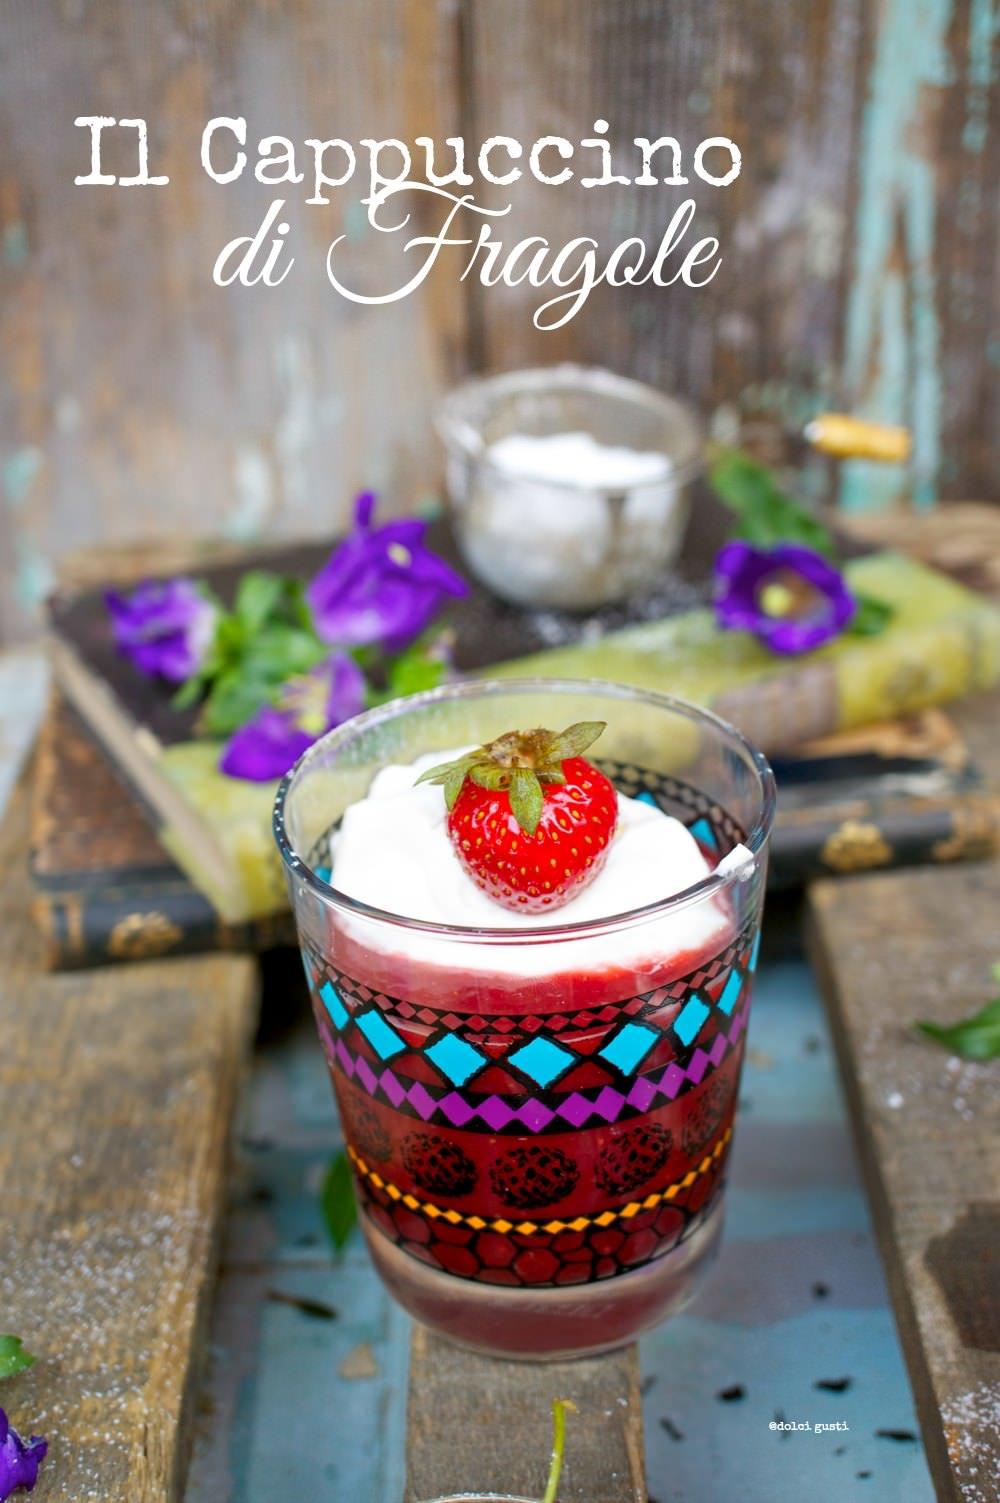 cappuccino di fragole 1